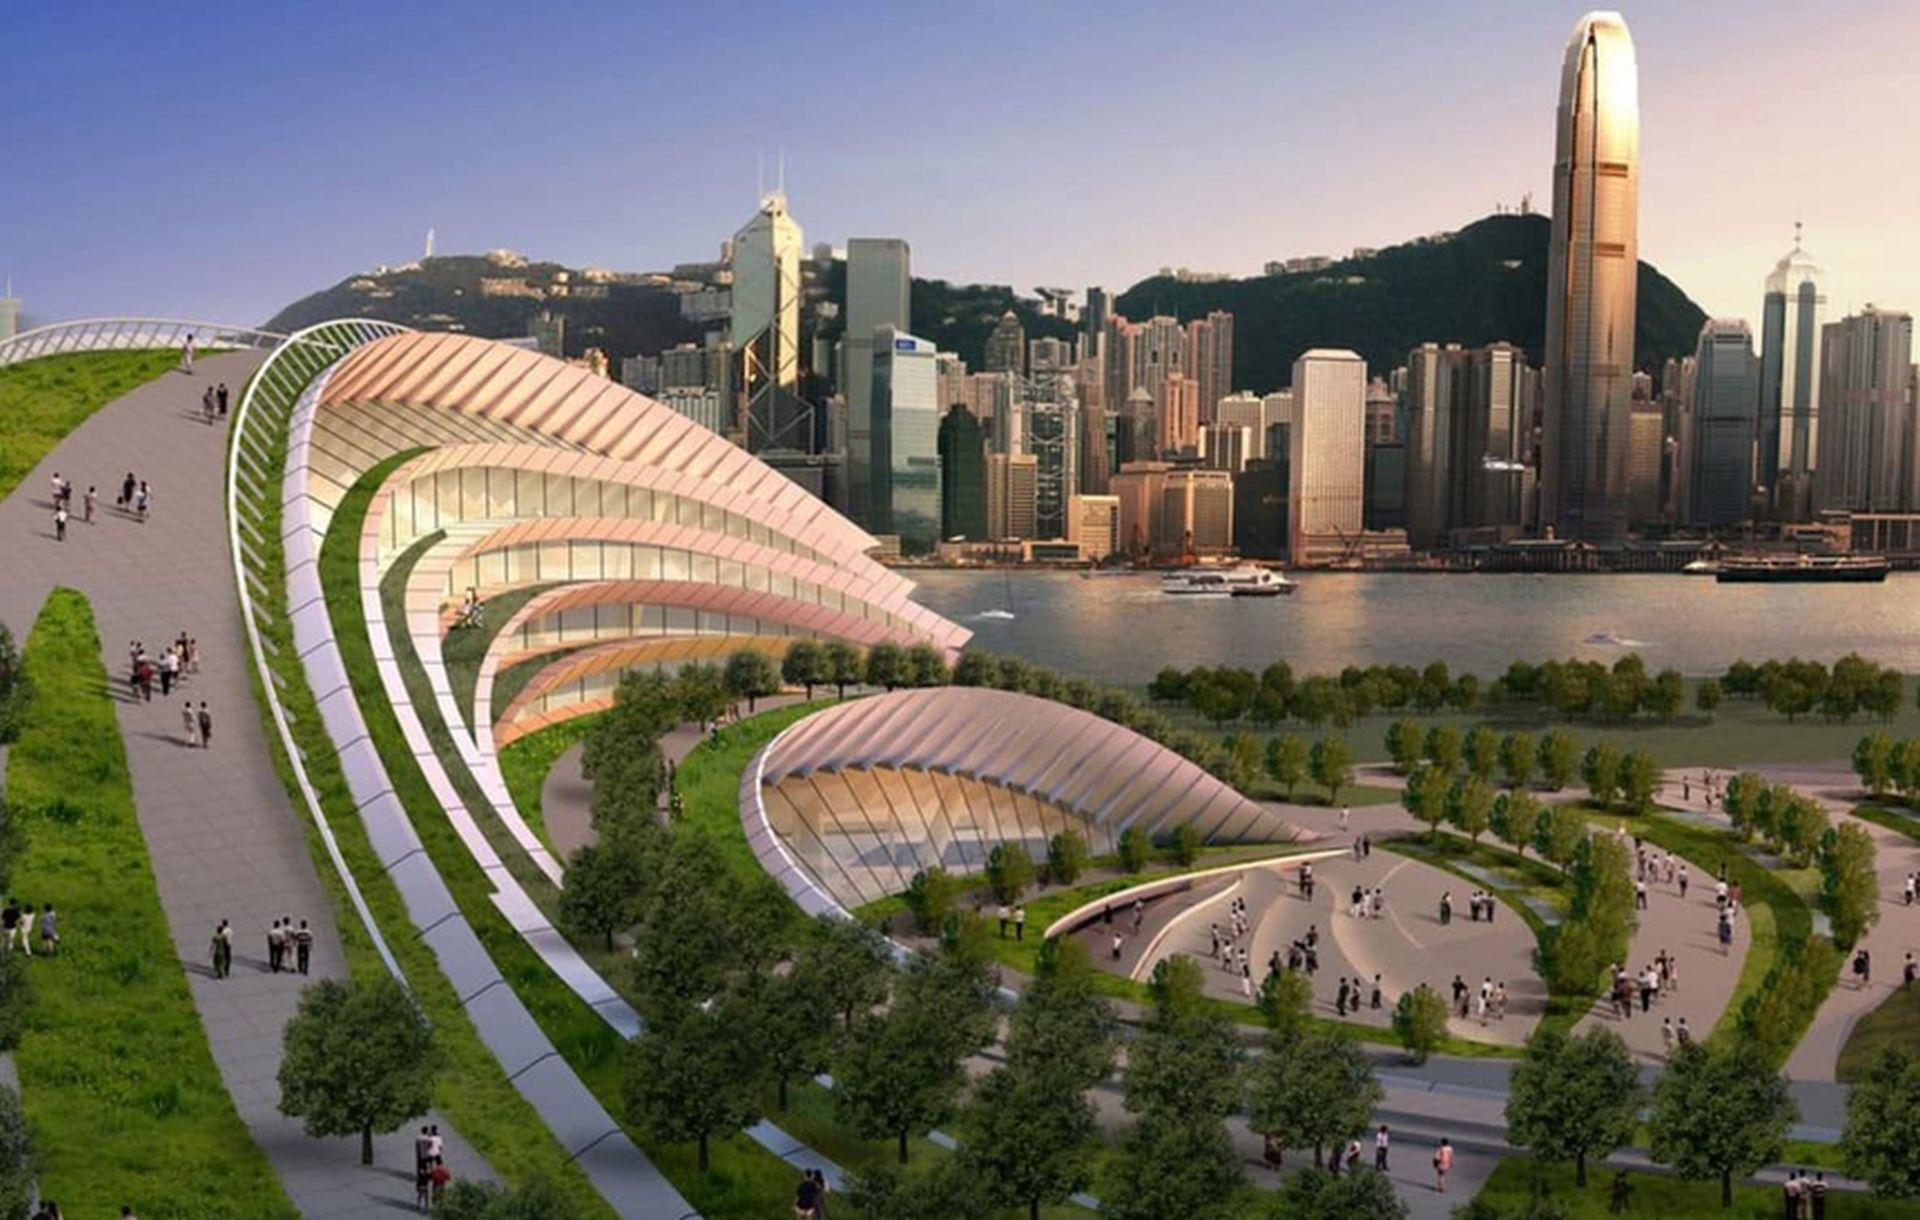 Vizualizace nového nádraží West Kowloon v Hongkongu. Foto: MTR